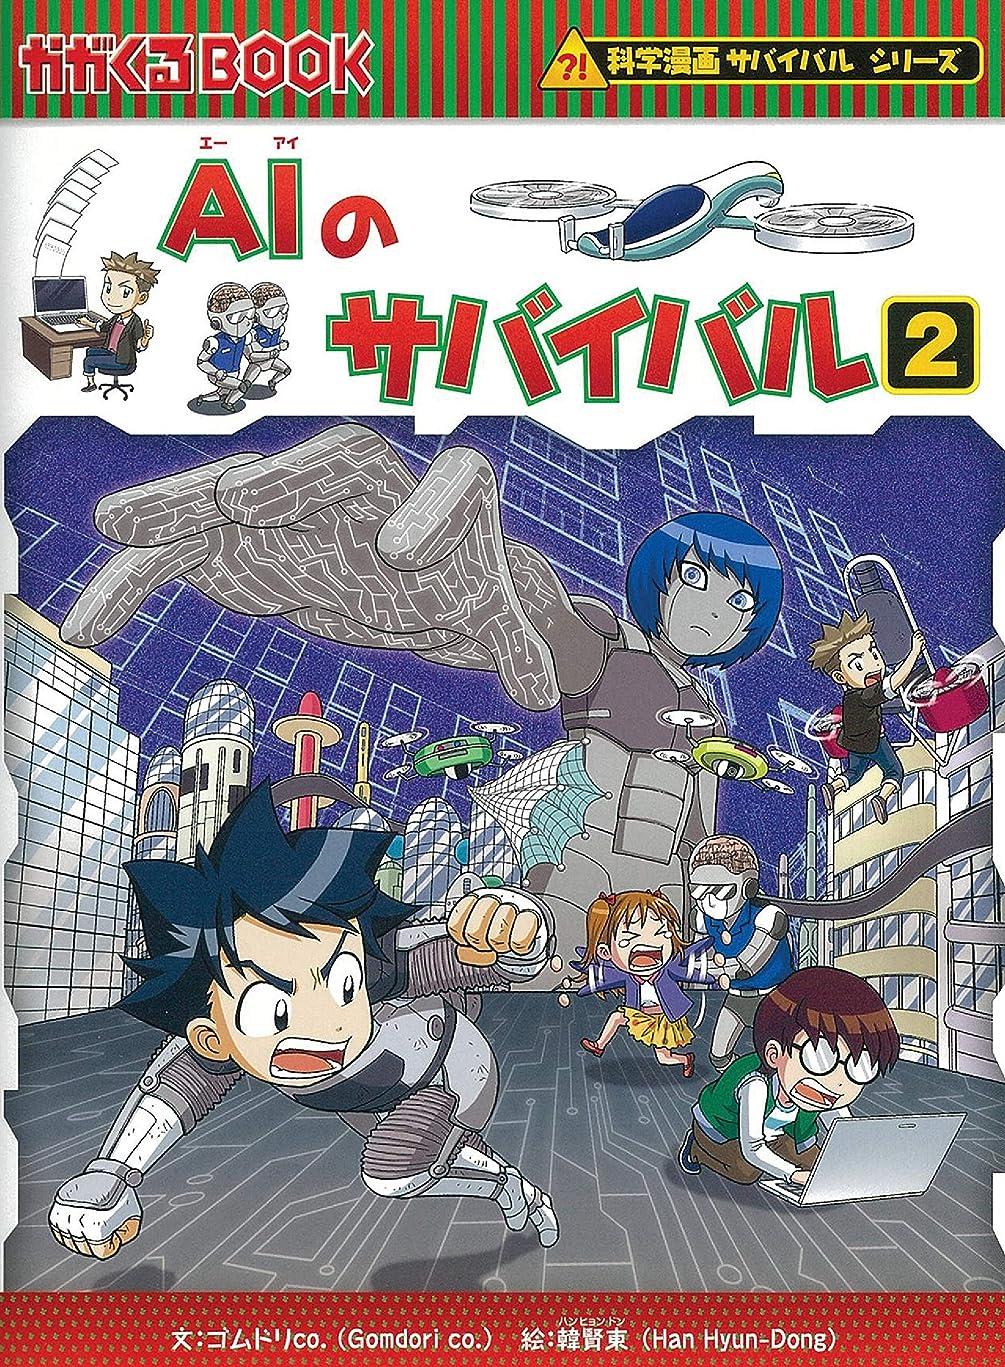 ポーンホームボイラーAIのサバイバル 2 (科学漫画サバイバルシリーズ63)